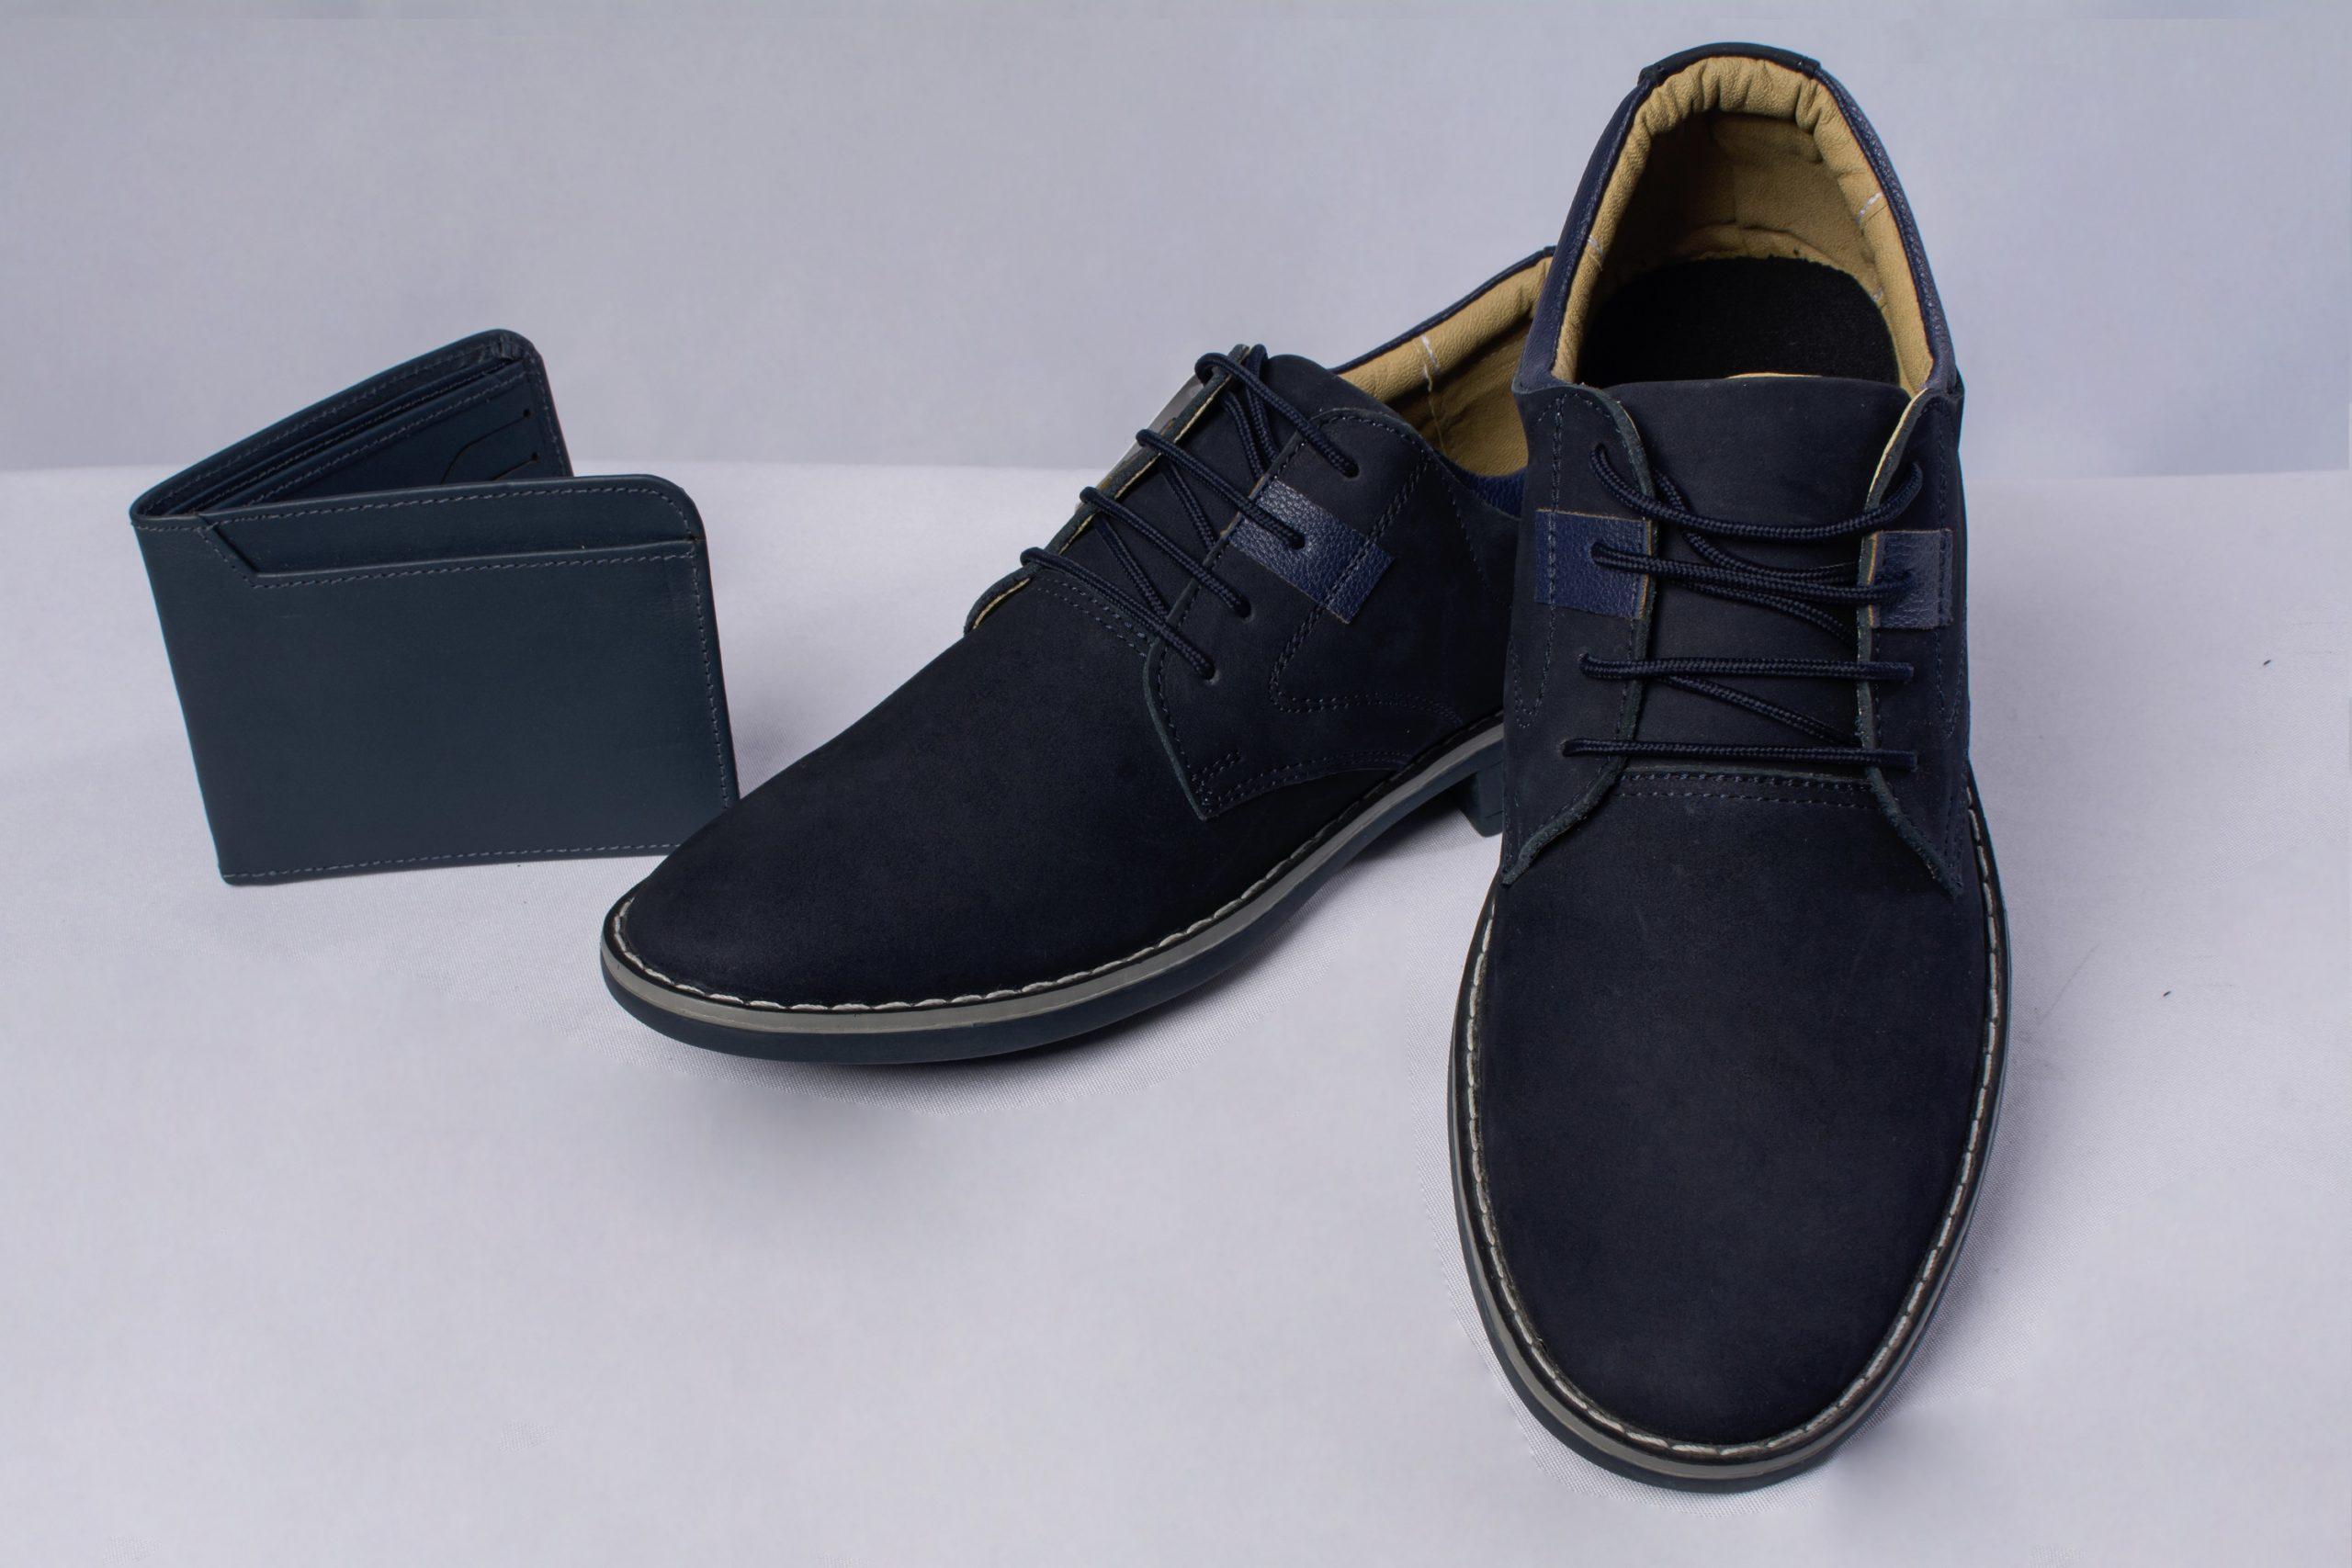 Billetera y zapatos de cuero.Material: Cuero de res, nobu y lustrable.